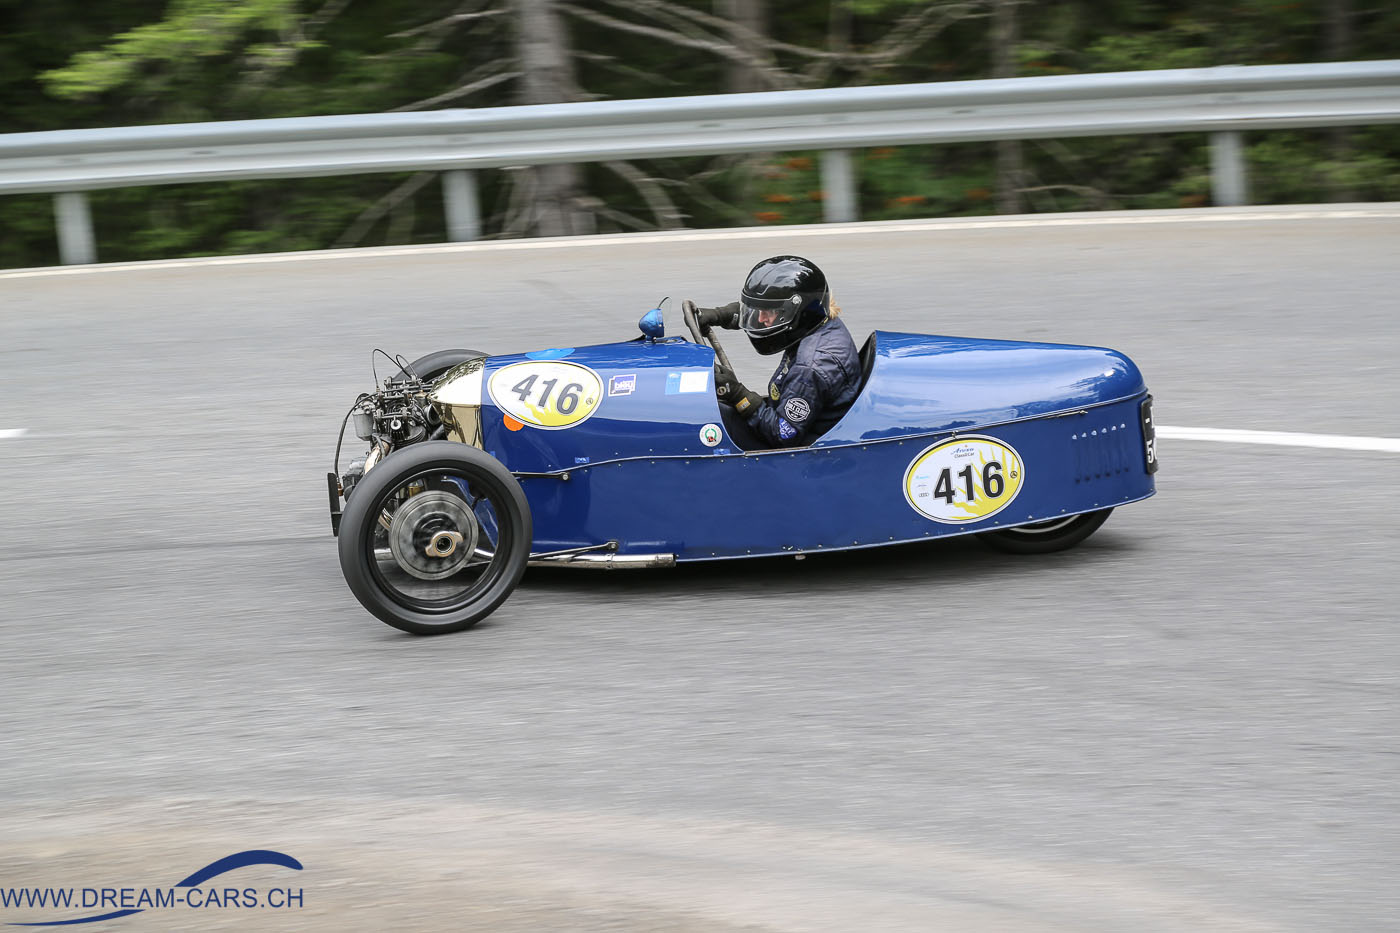 Arosa ClassicCar 2016. Sue Darbyshire auf einem Morgan Super Aero in der Linkskurve beim Posten 30